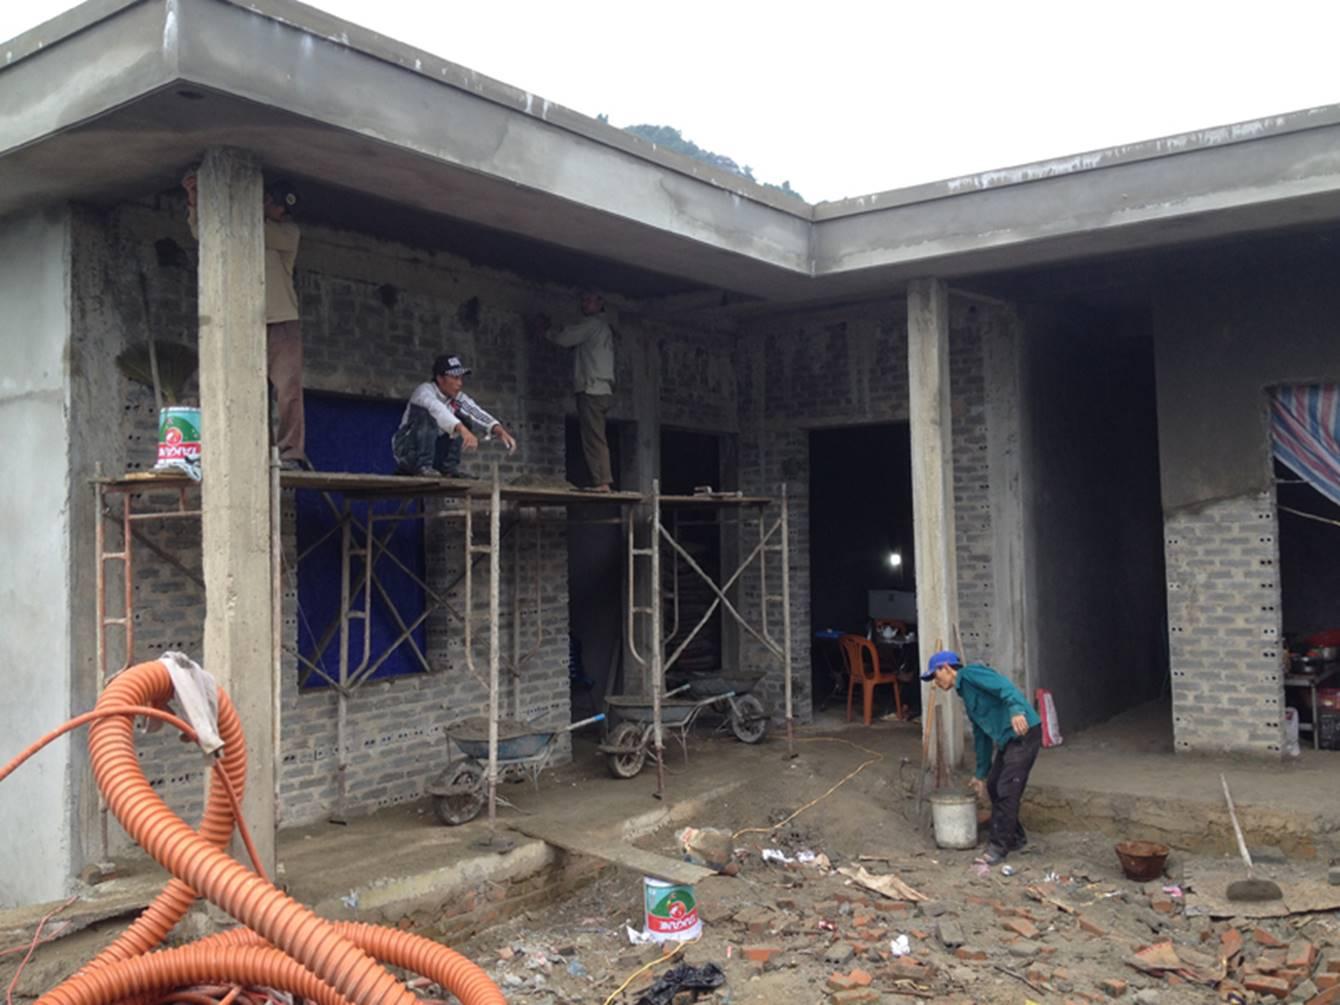 Quảng Bình: Chuyển giao chủ đầu tư, nỗ lực đảm bảo nguồn nước sạch cho vùng di sản Phong Nha